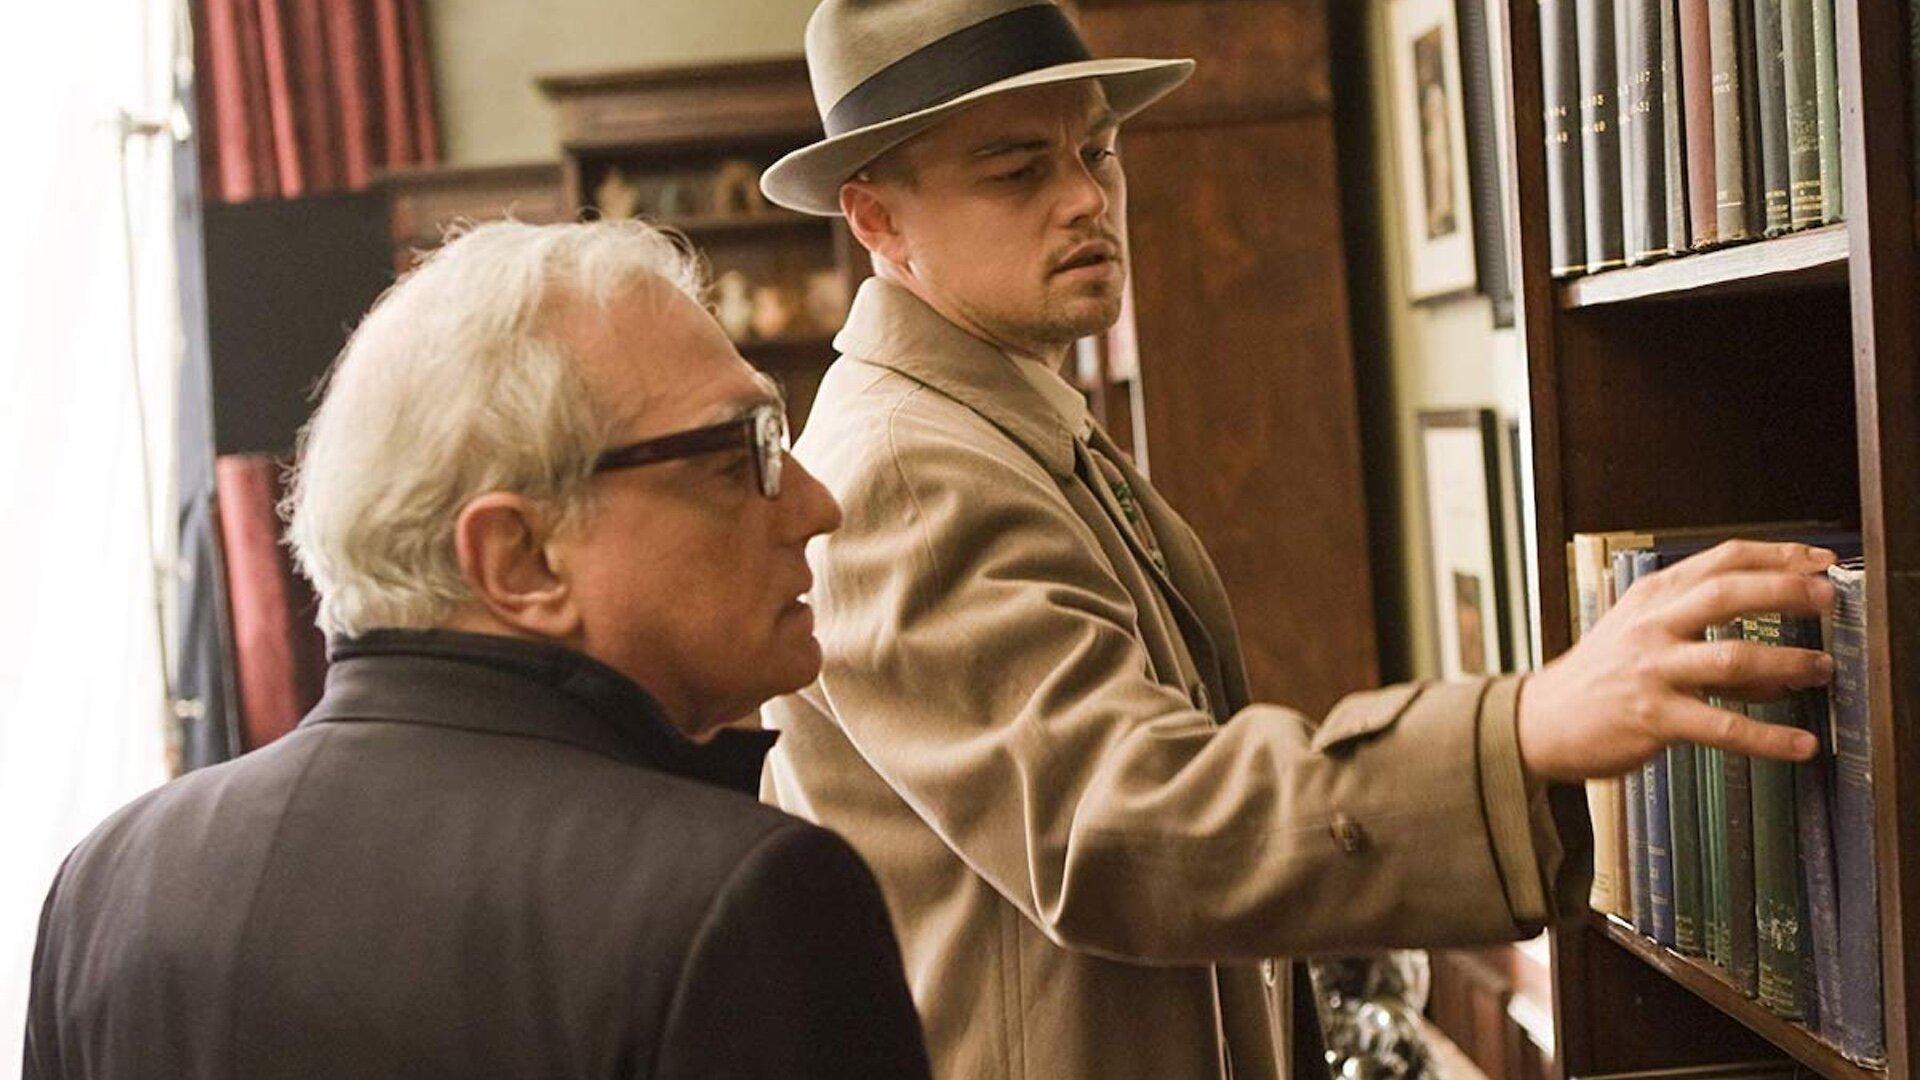 Martin Scorsese confirma início da produção de Killers of the Flower Moon com Leonardo DiCaprio e Robert De Niro